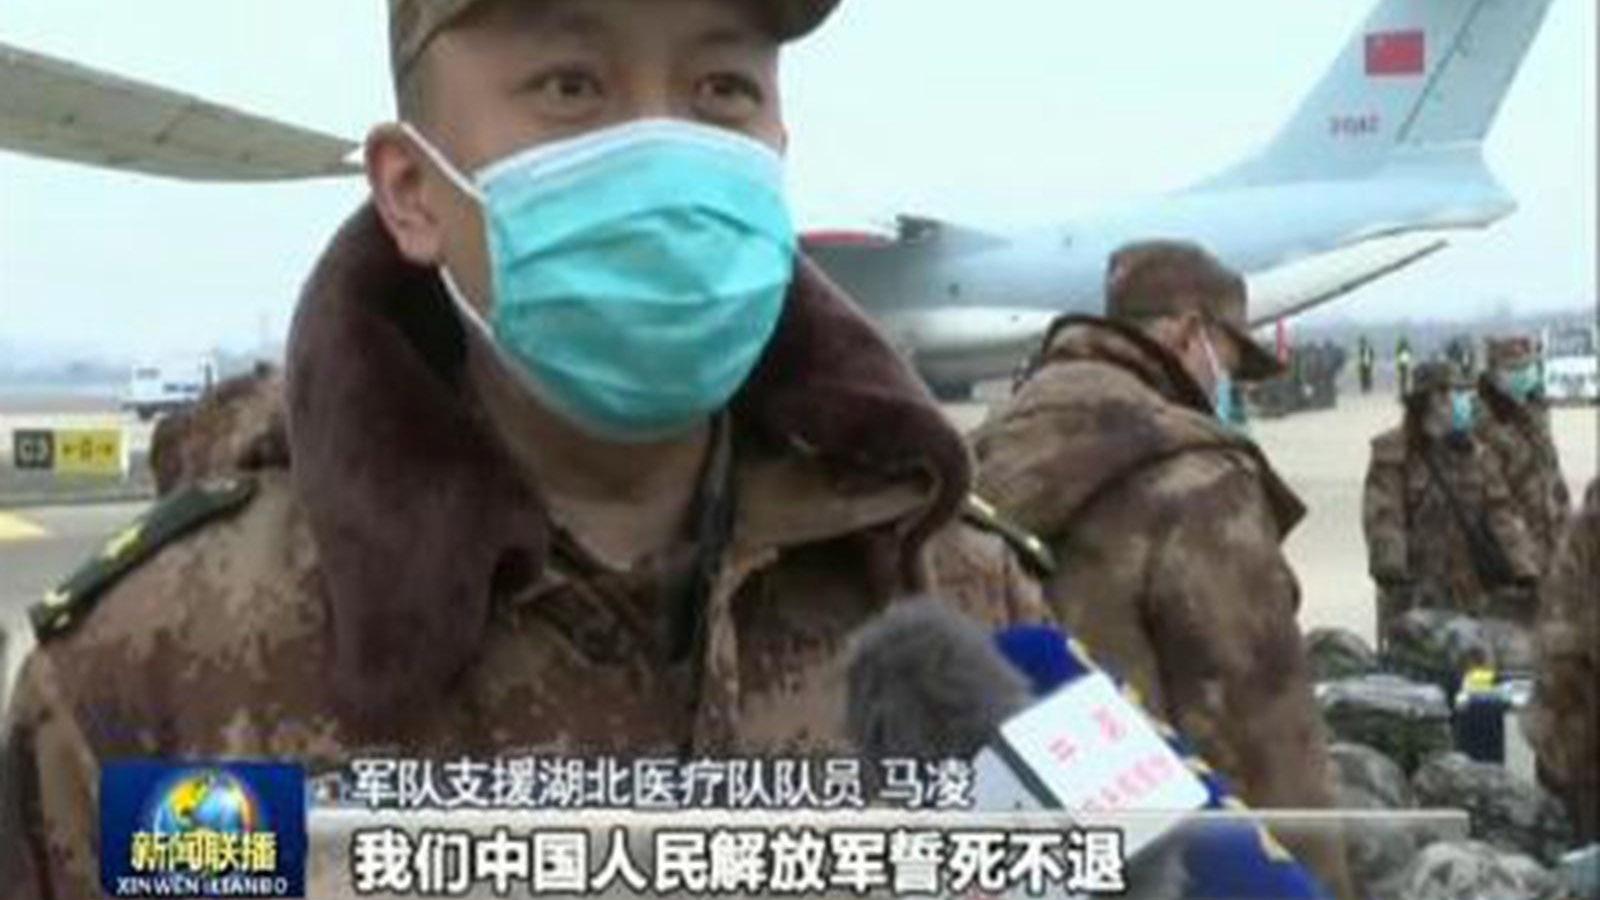 解放军4,000多名医护人员驰援武汉。(视频截图)